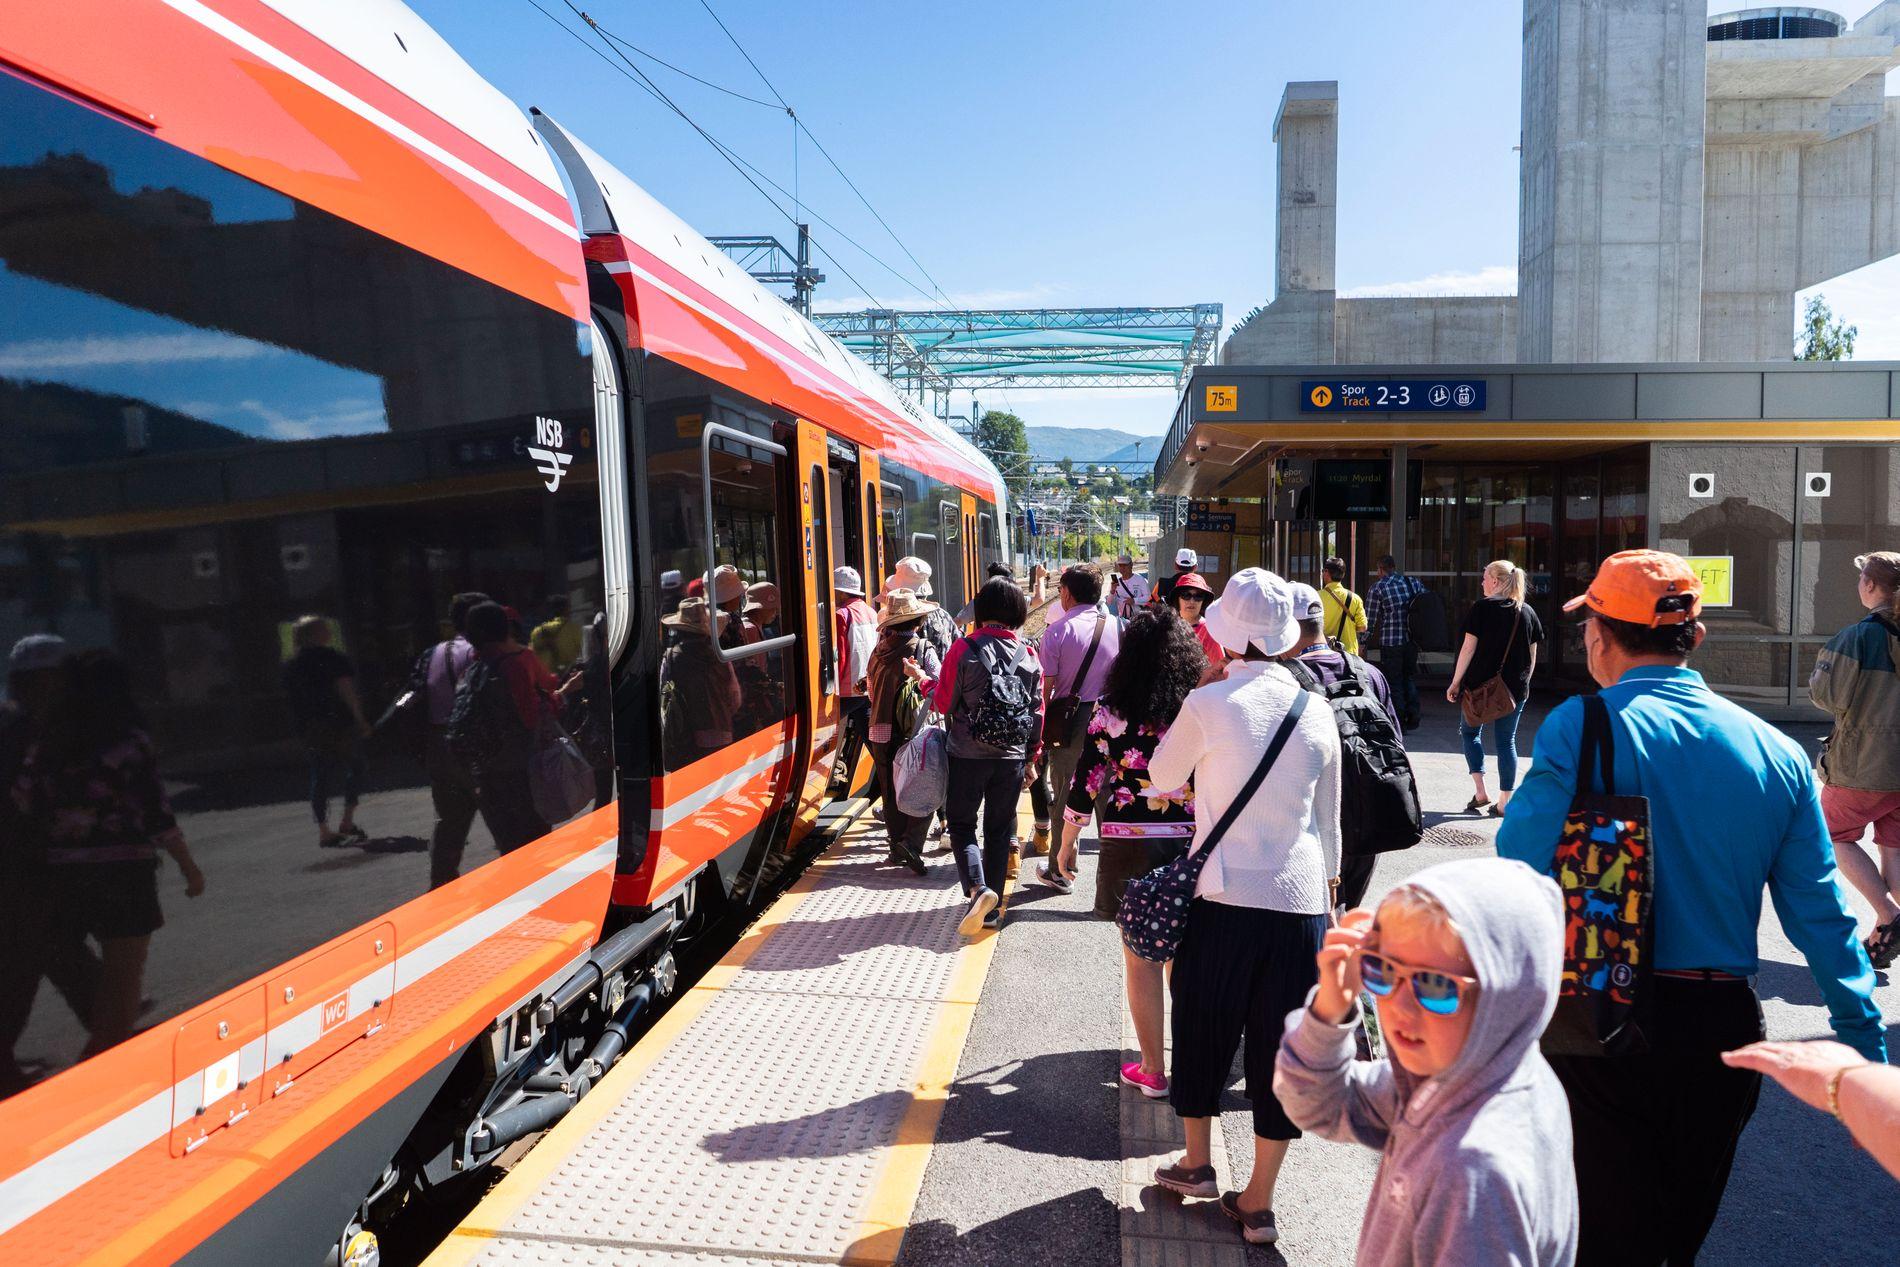 ENKLERE: Skal vi få mer gods på jernbane og flere togpassasjerer mellom storbyene, må gods- og persontogene enklere kunne krysse grensene, skriver samferdselsministeren.